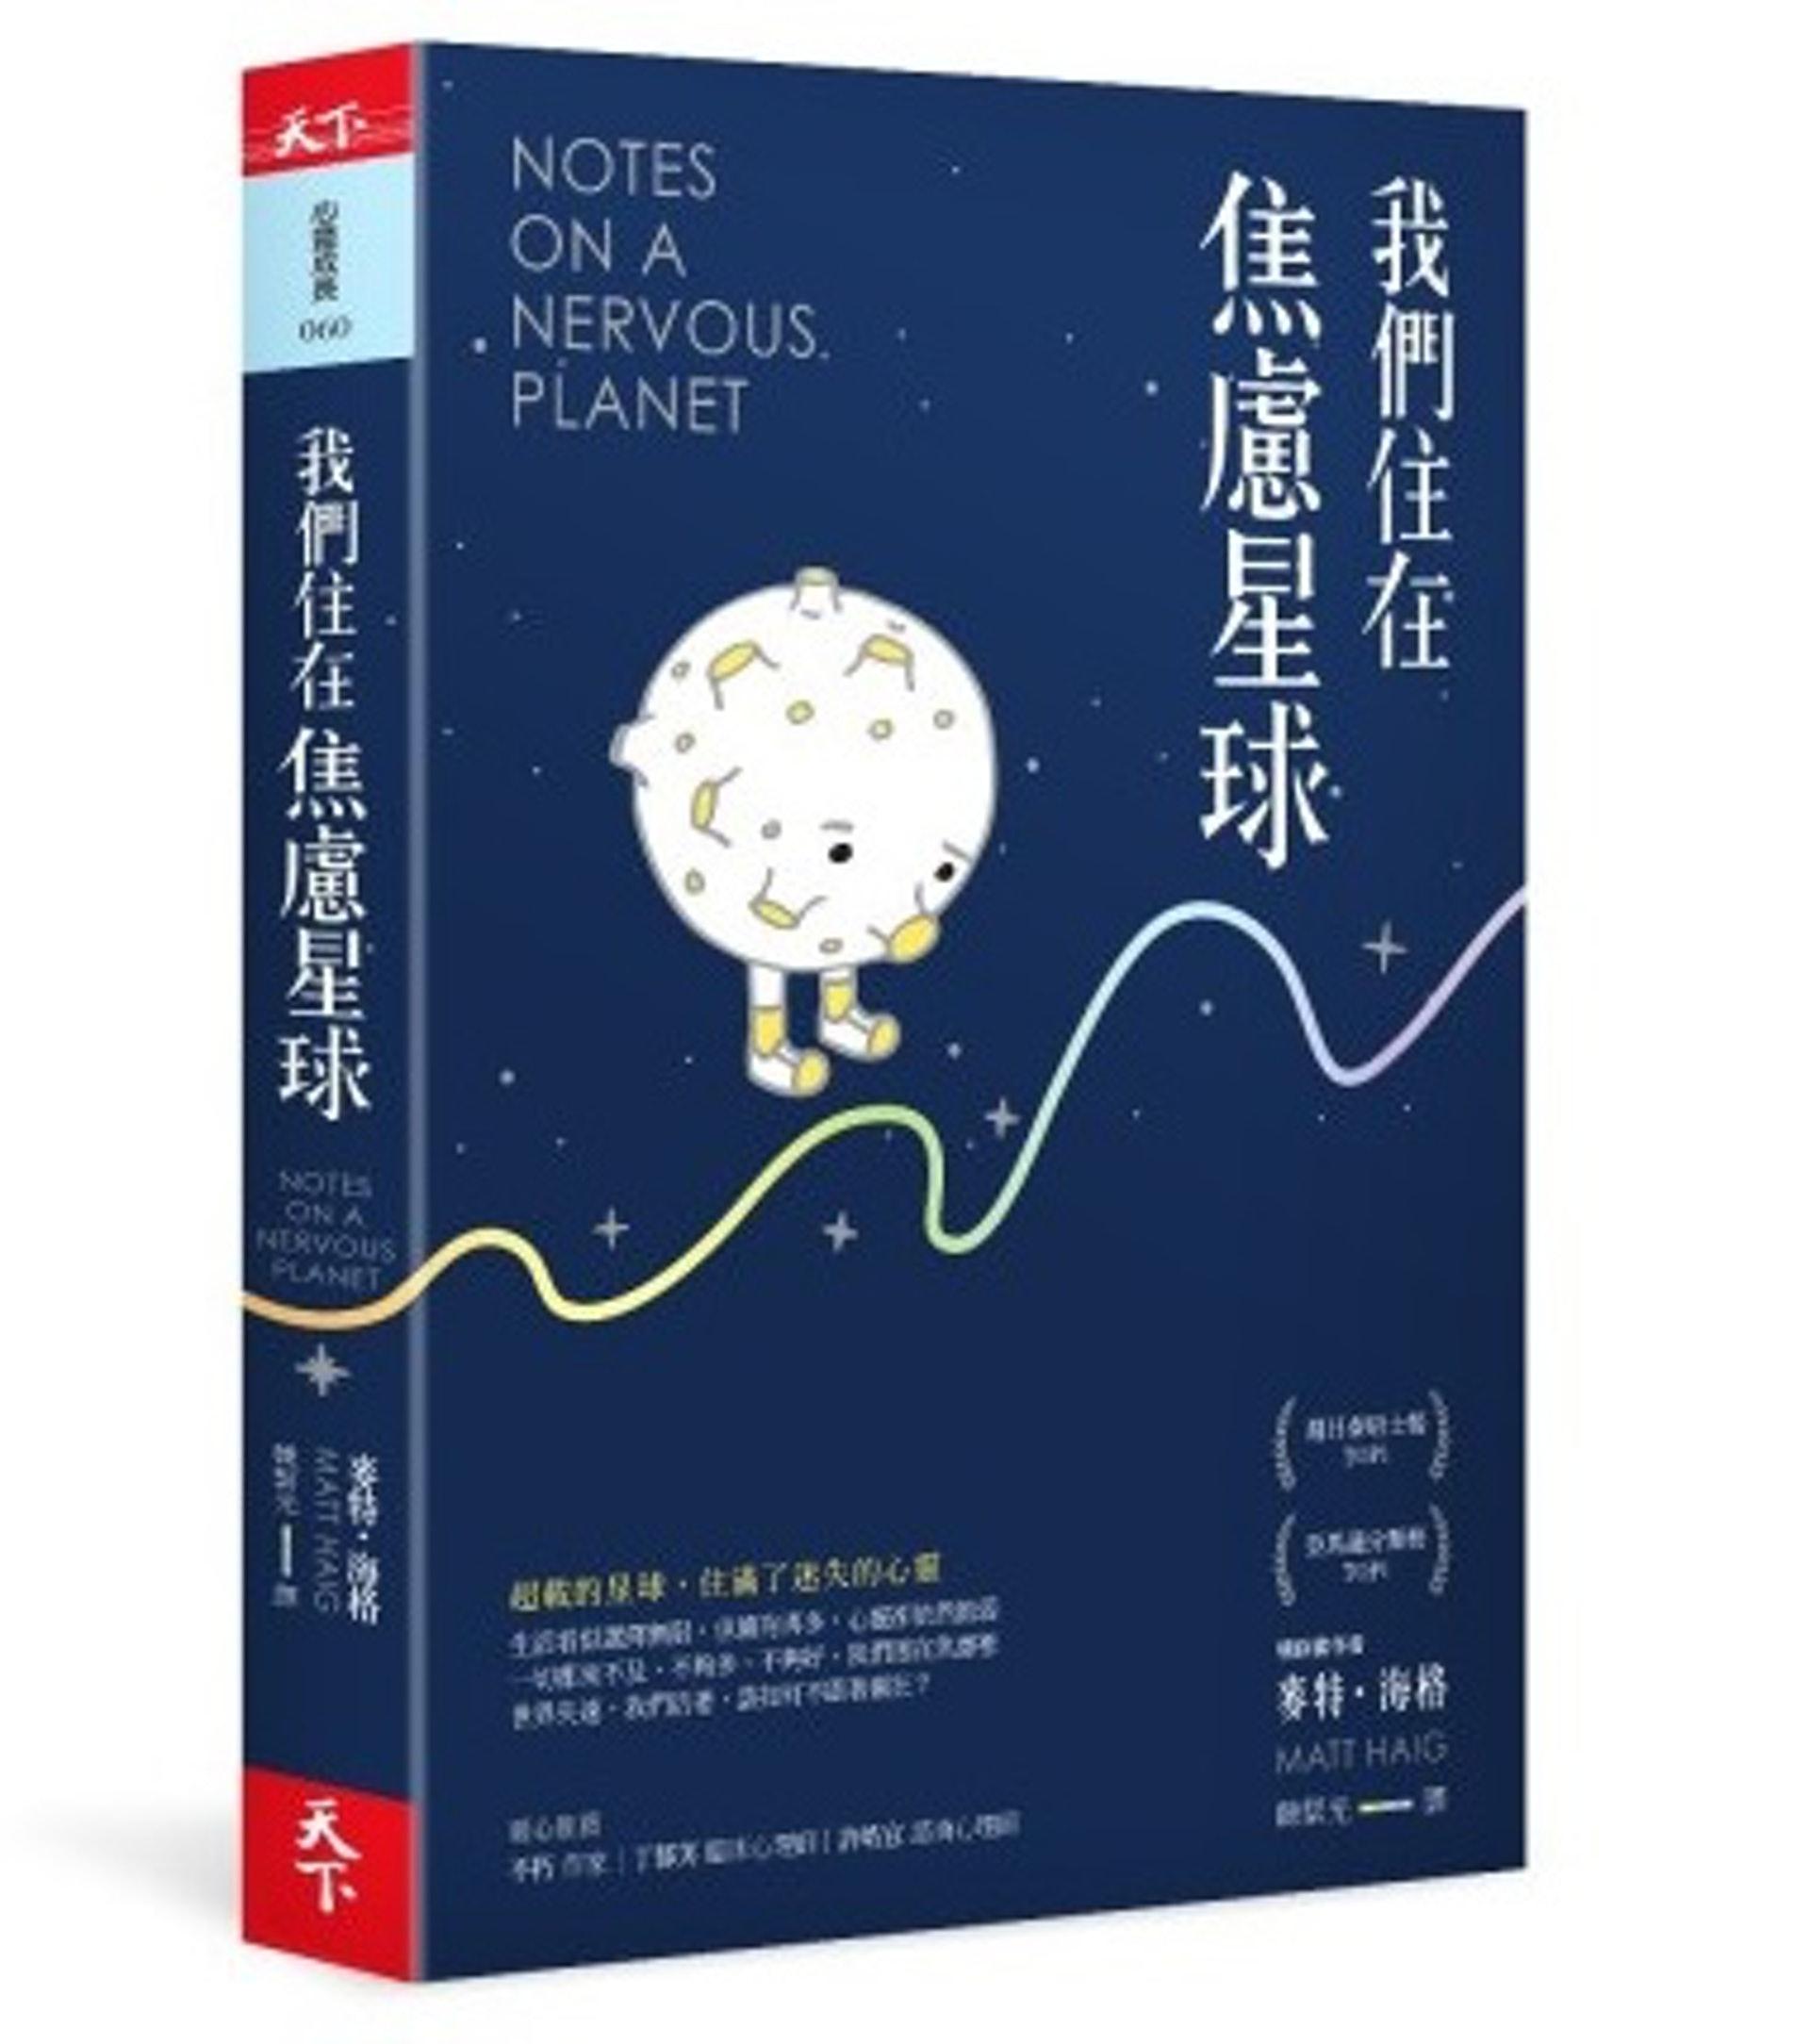 《我們住在焦慮星球這本書》封面